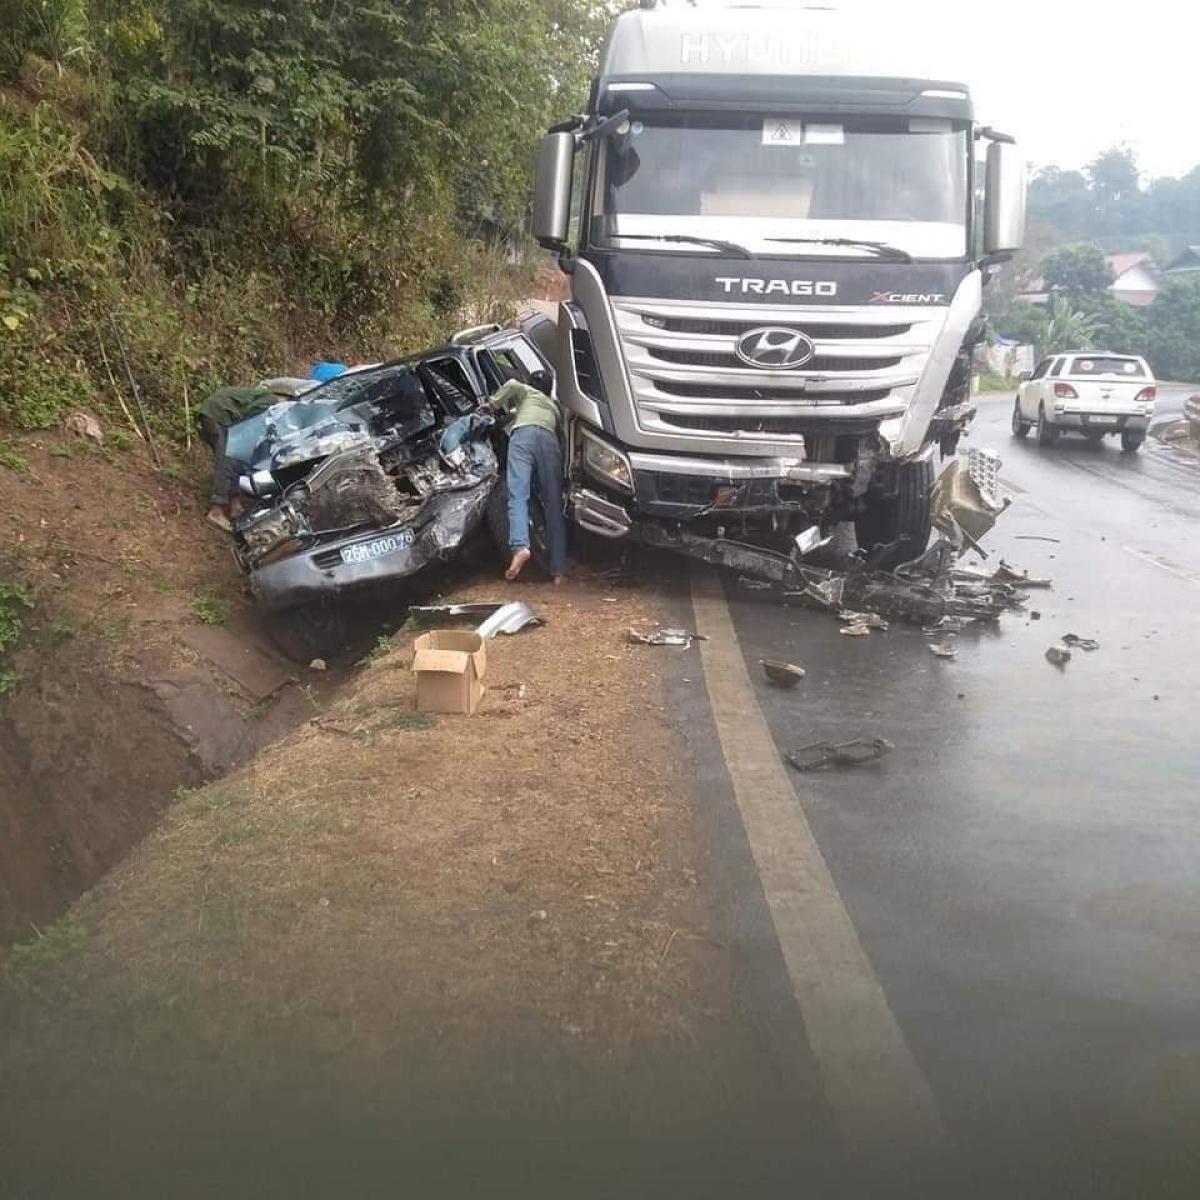 Vụ tai nạn khiến 2 chiếc xe bị hư hỏng nặng. Ảnh FB.